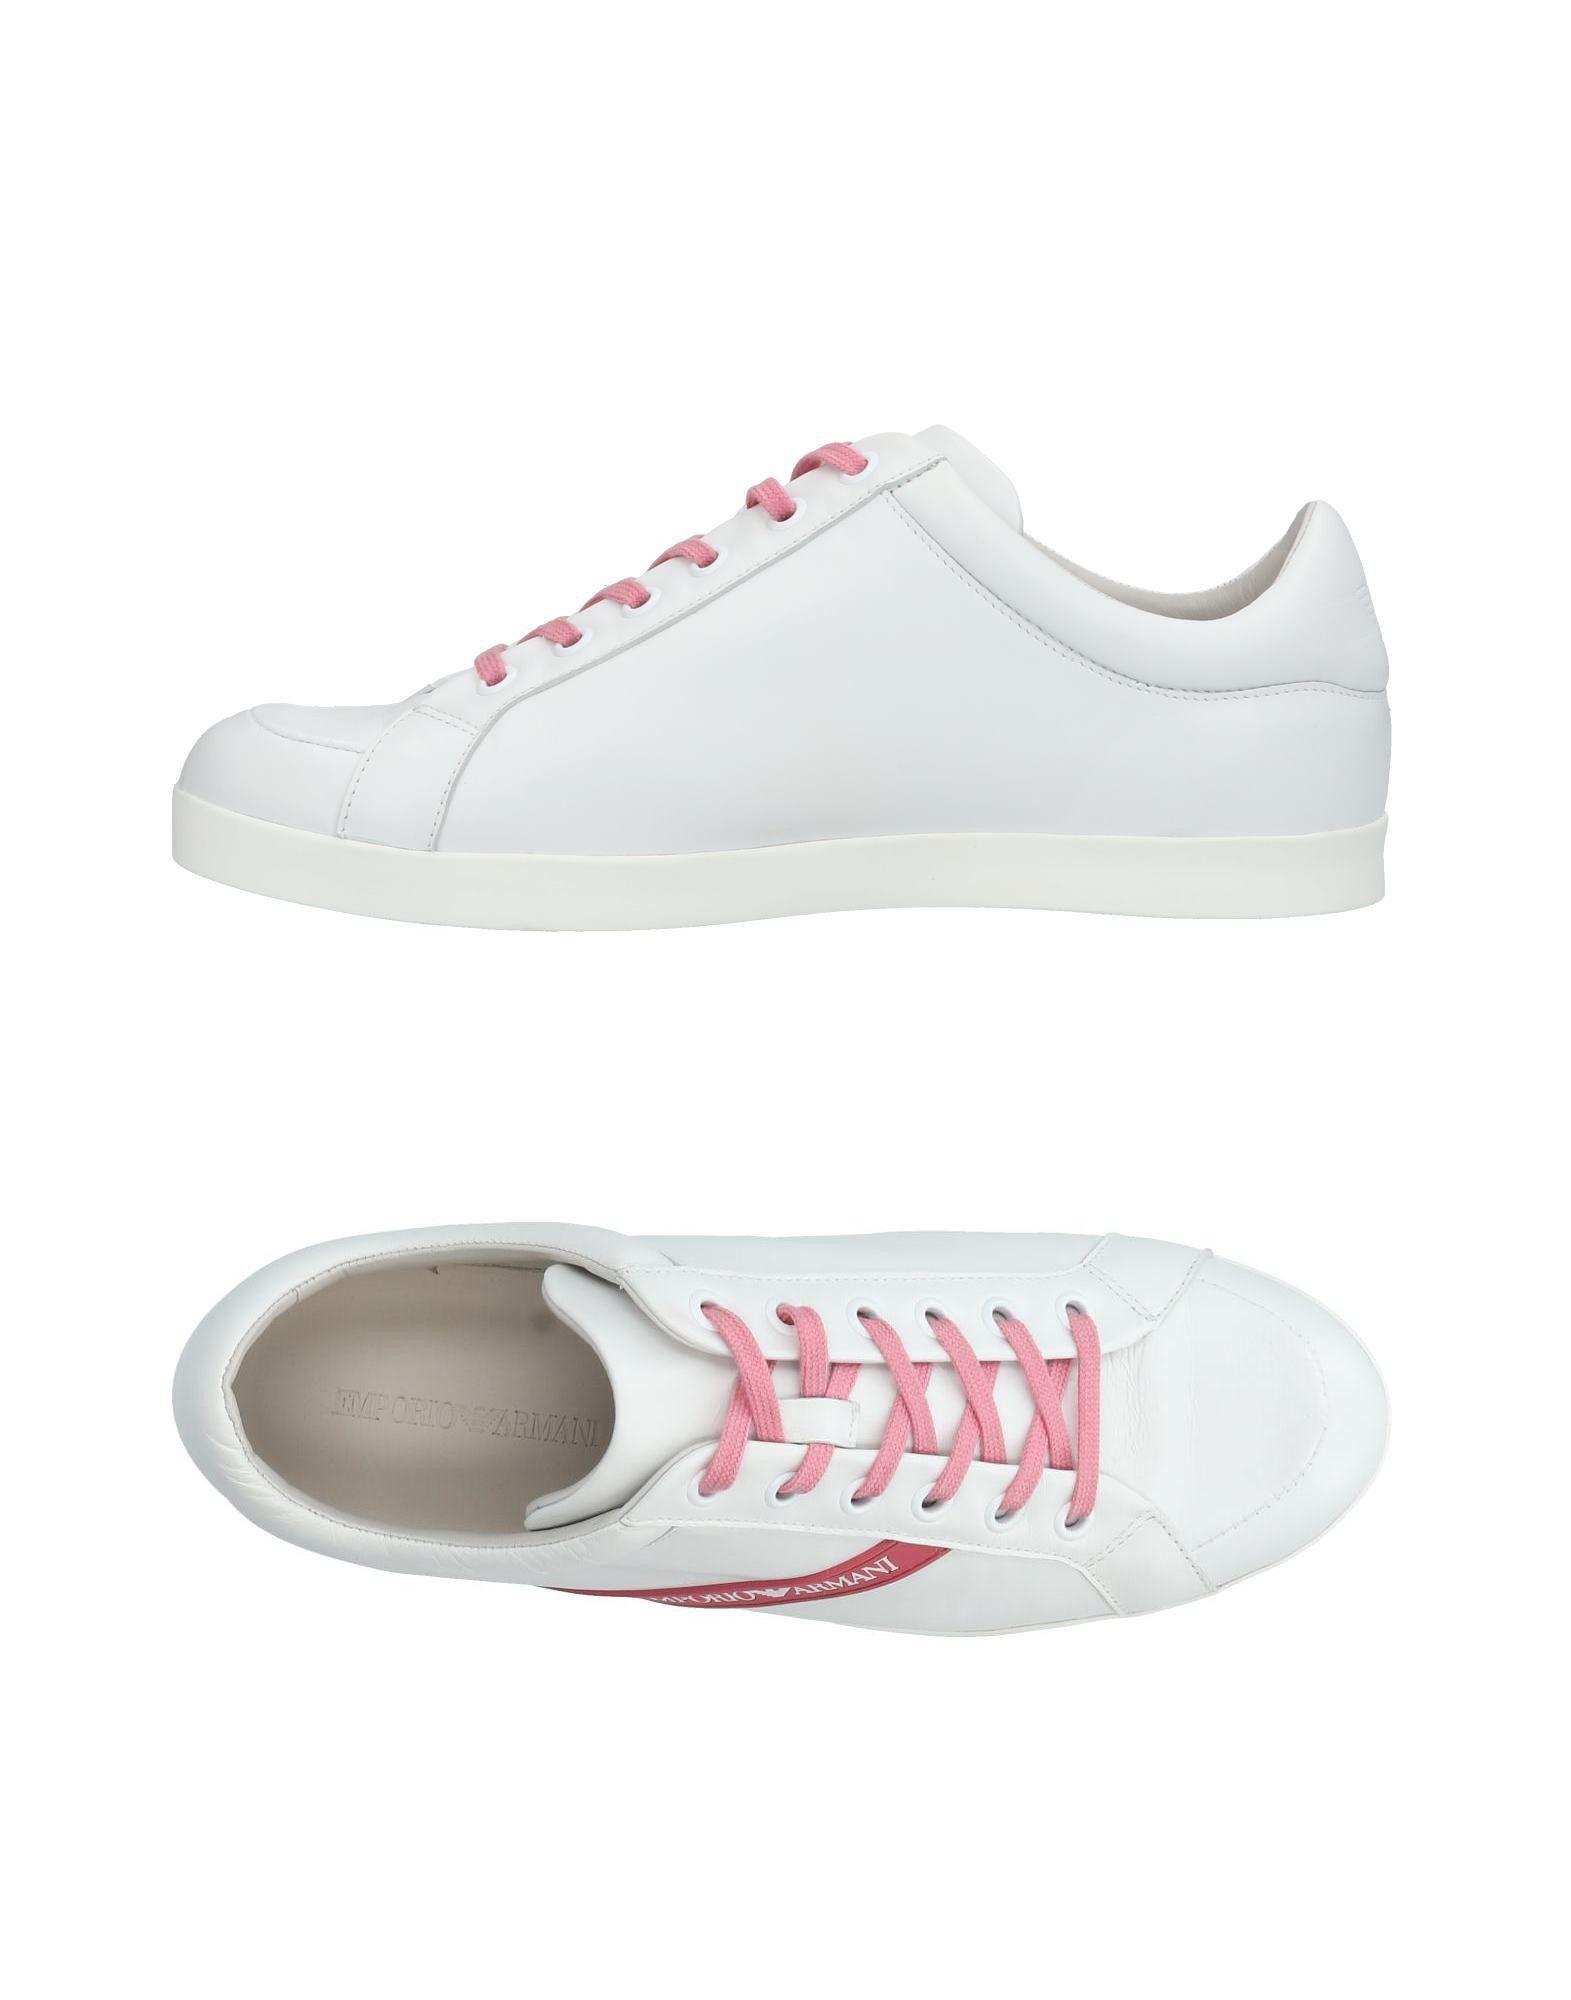 Stilvolle billige Schuhe Damen Emporio Armani Sneakers Damen Schuhe  11424126OK b314de